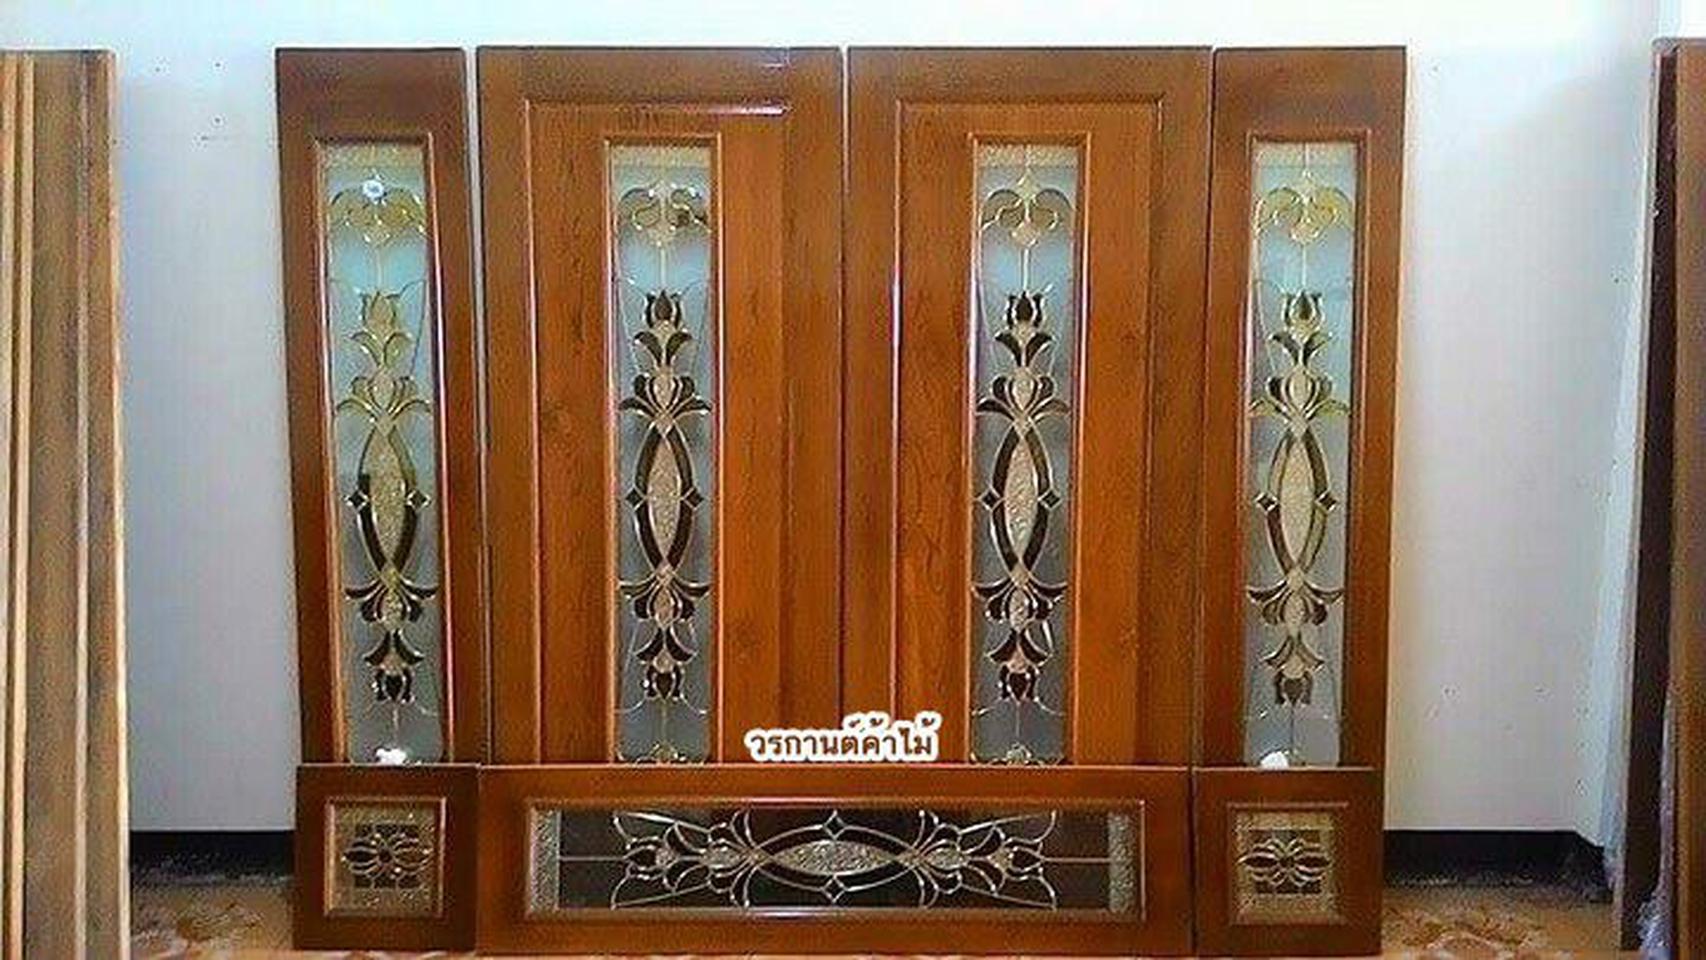 ร้านวรกานต์ค้าไม้ จำหน่าย ประตูไม้สัก กระจกนิรภัย,ประตูบานเลื่อนไม้สัก รูปที่ 4